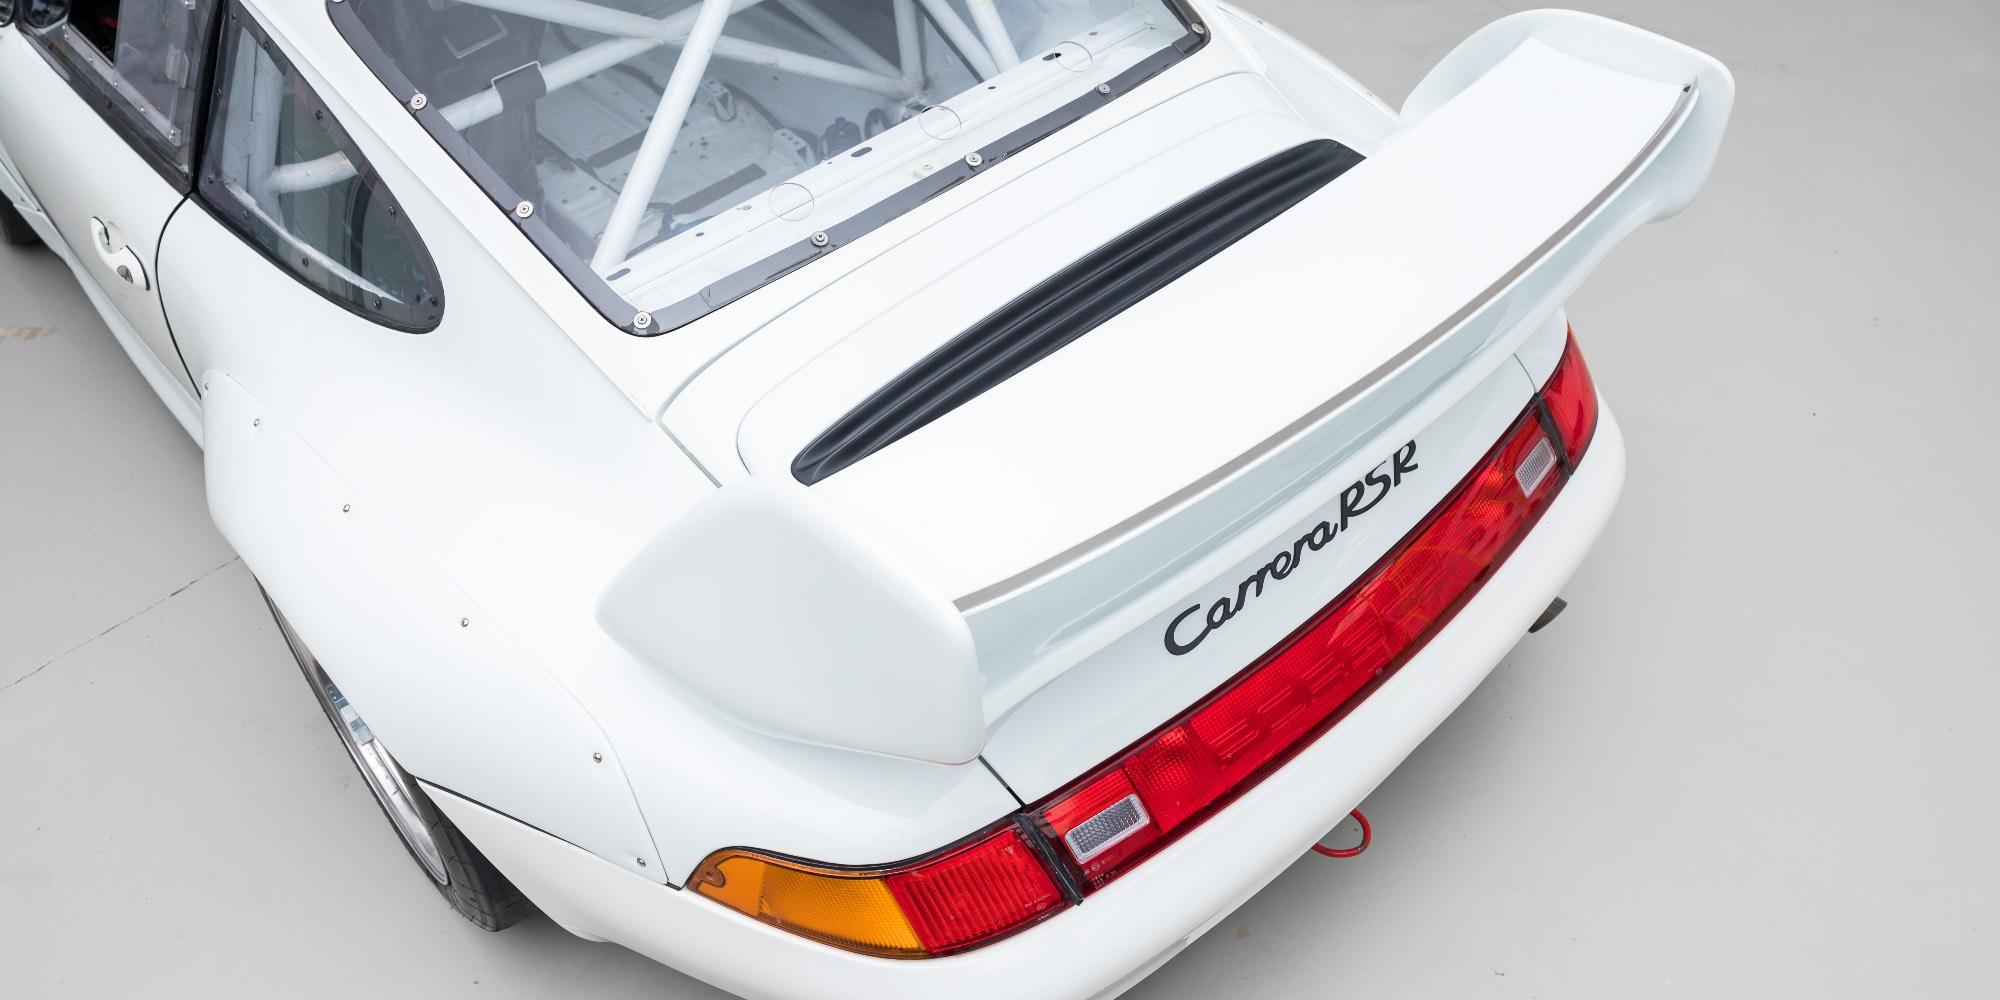 The Ex – Porsche Motorsport Asia, Championship Winning 1997 Porsche 993 Cup 3.8 RSR